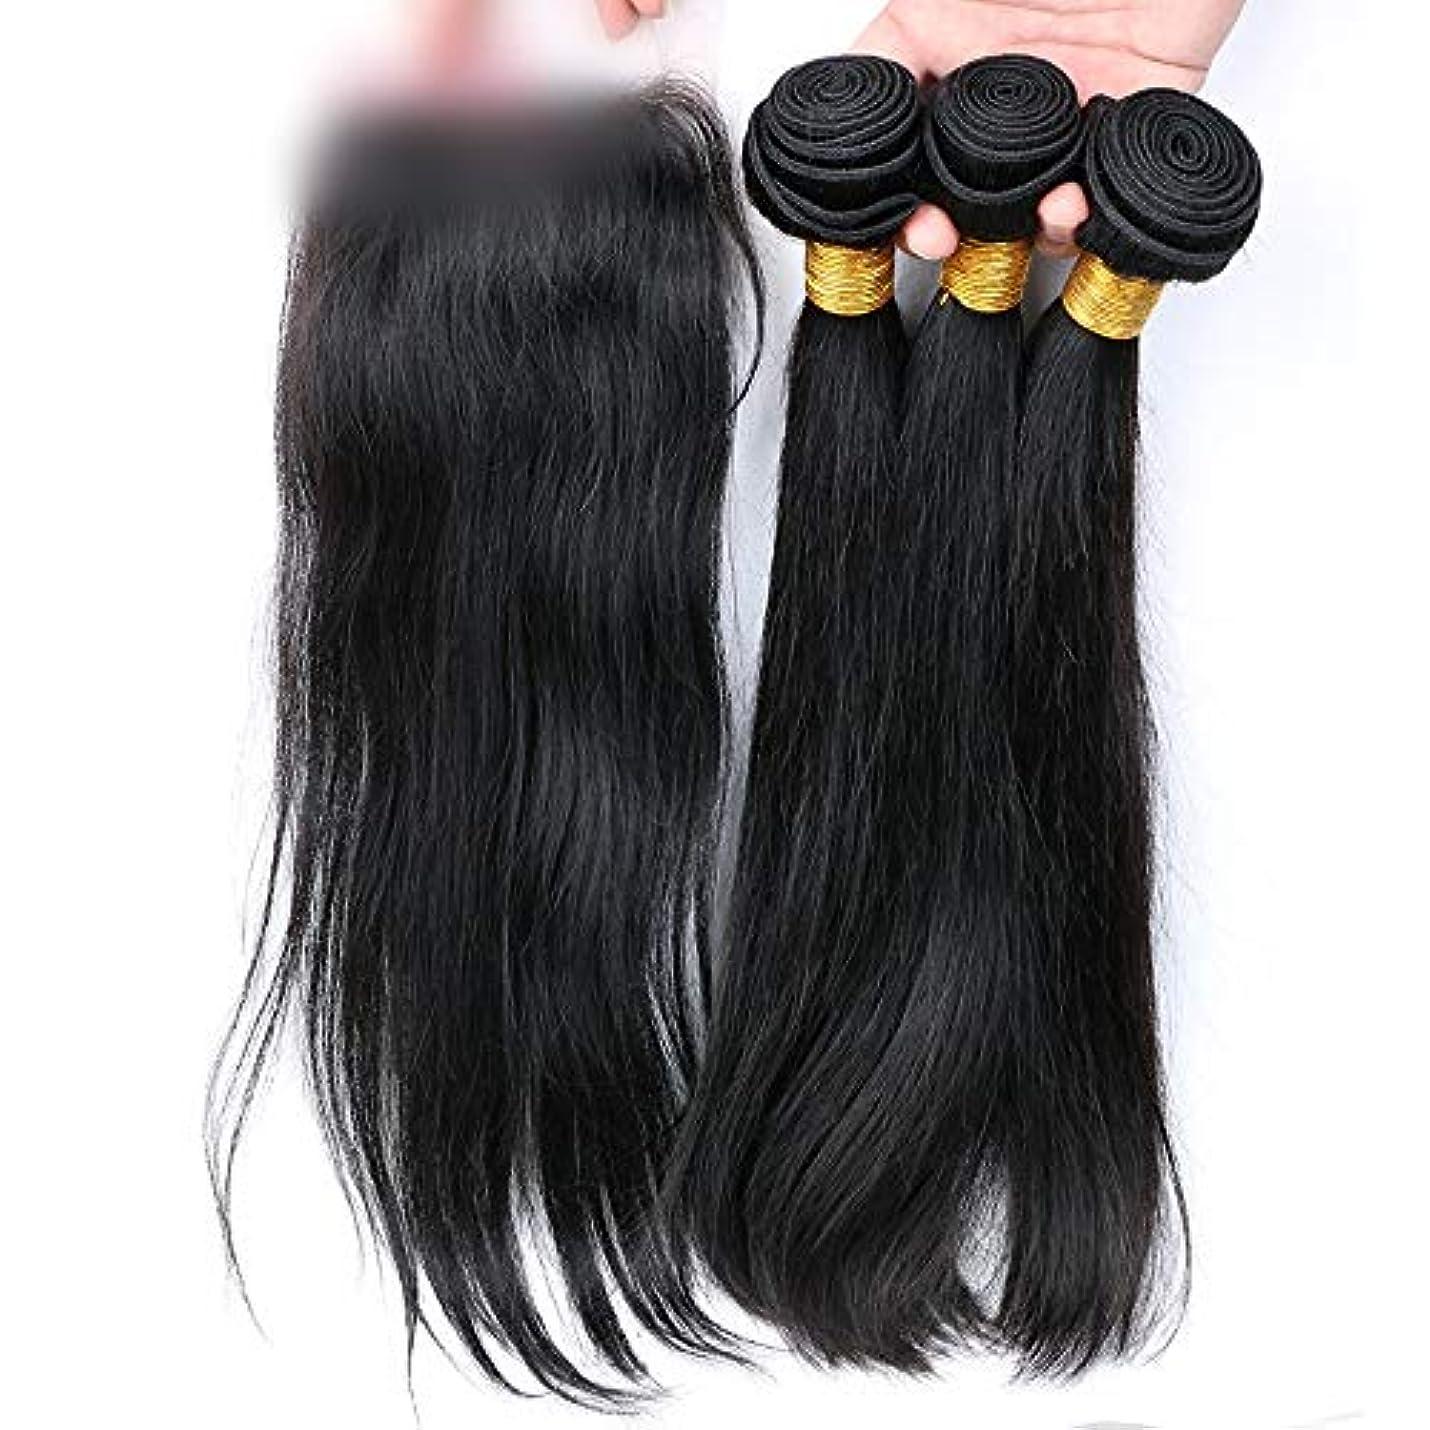 不愉快に楽観的ゲートHOHYLLYA ブラジルストレートヘア100%本物の人間の髪の毛の拡張子レース前頭閉鎖自然に見える合成髪レースかつらロールプレイングかつら (色 : 黒, サイズ : 14 inch)